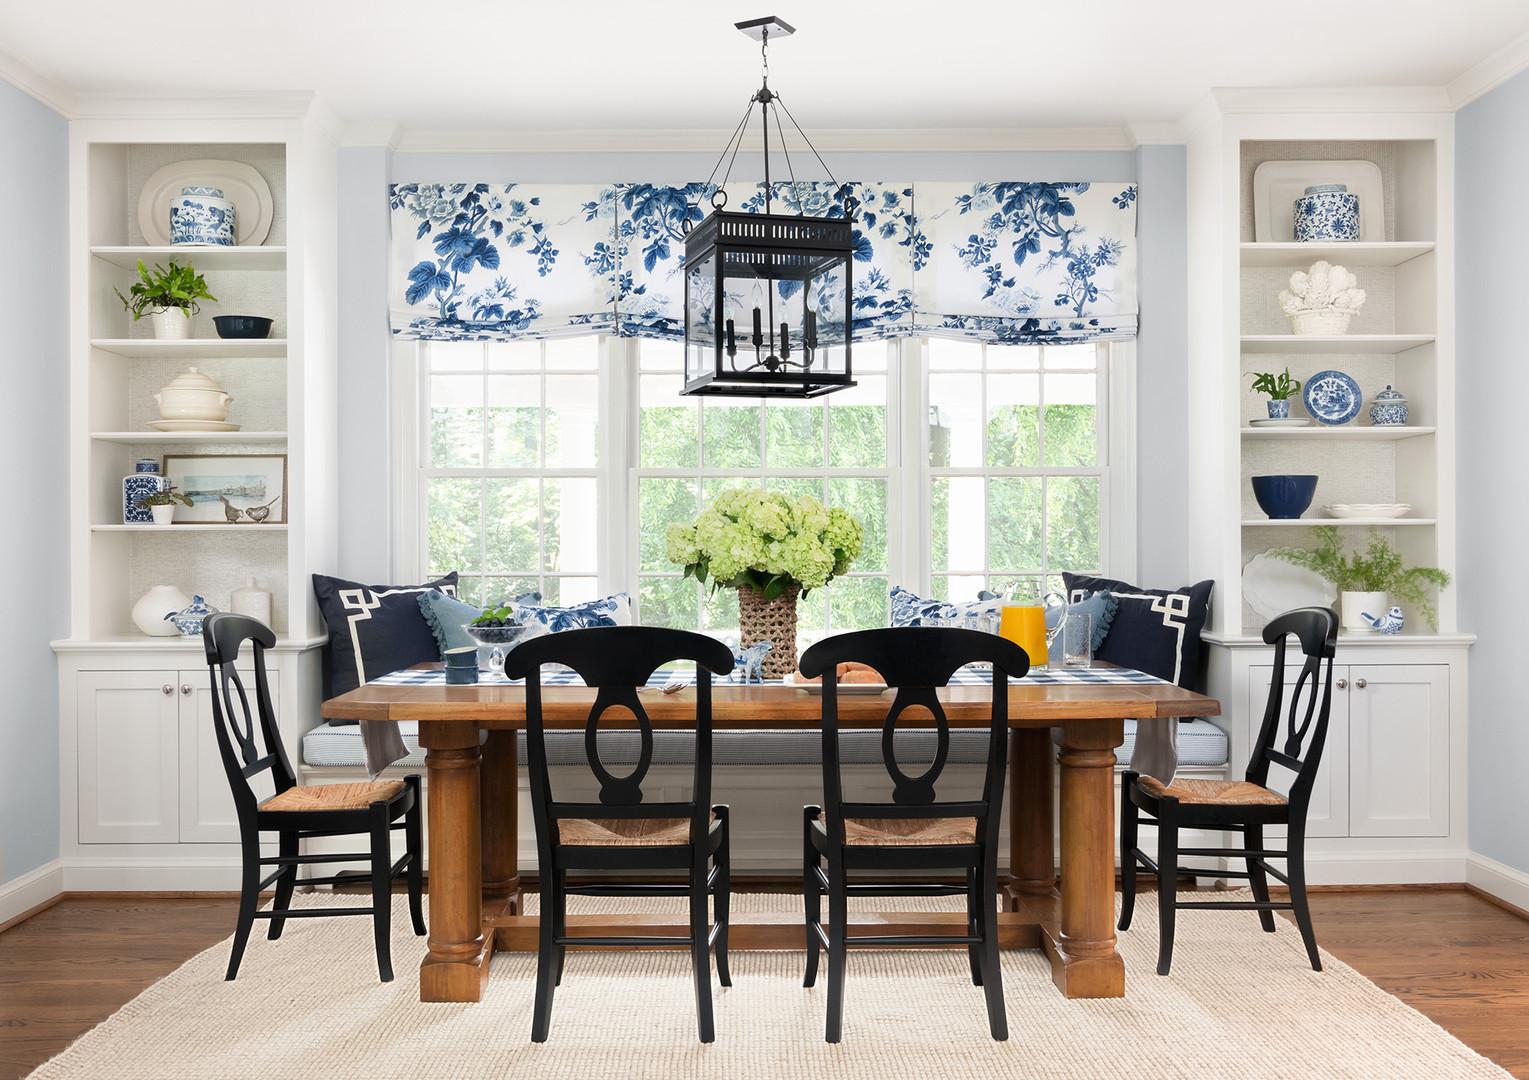 Sarah-Hayes-Interior-design-kitchen-afte